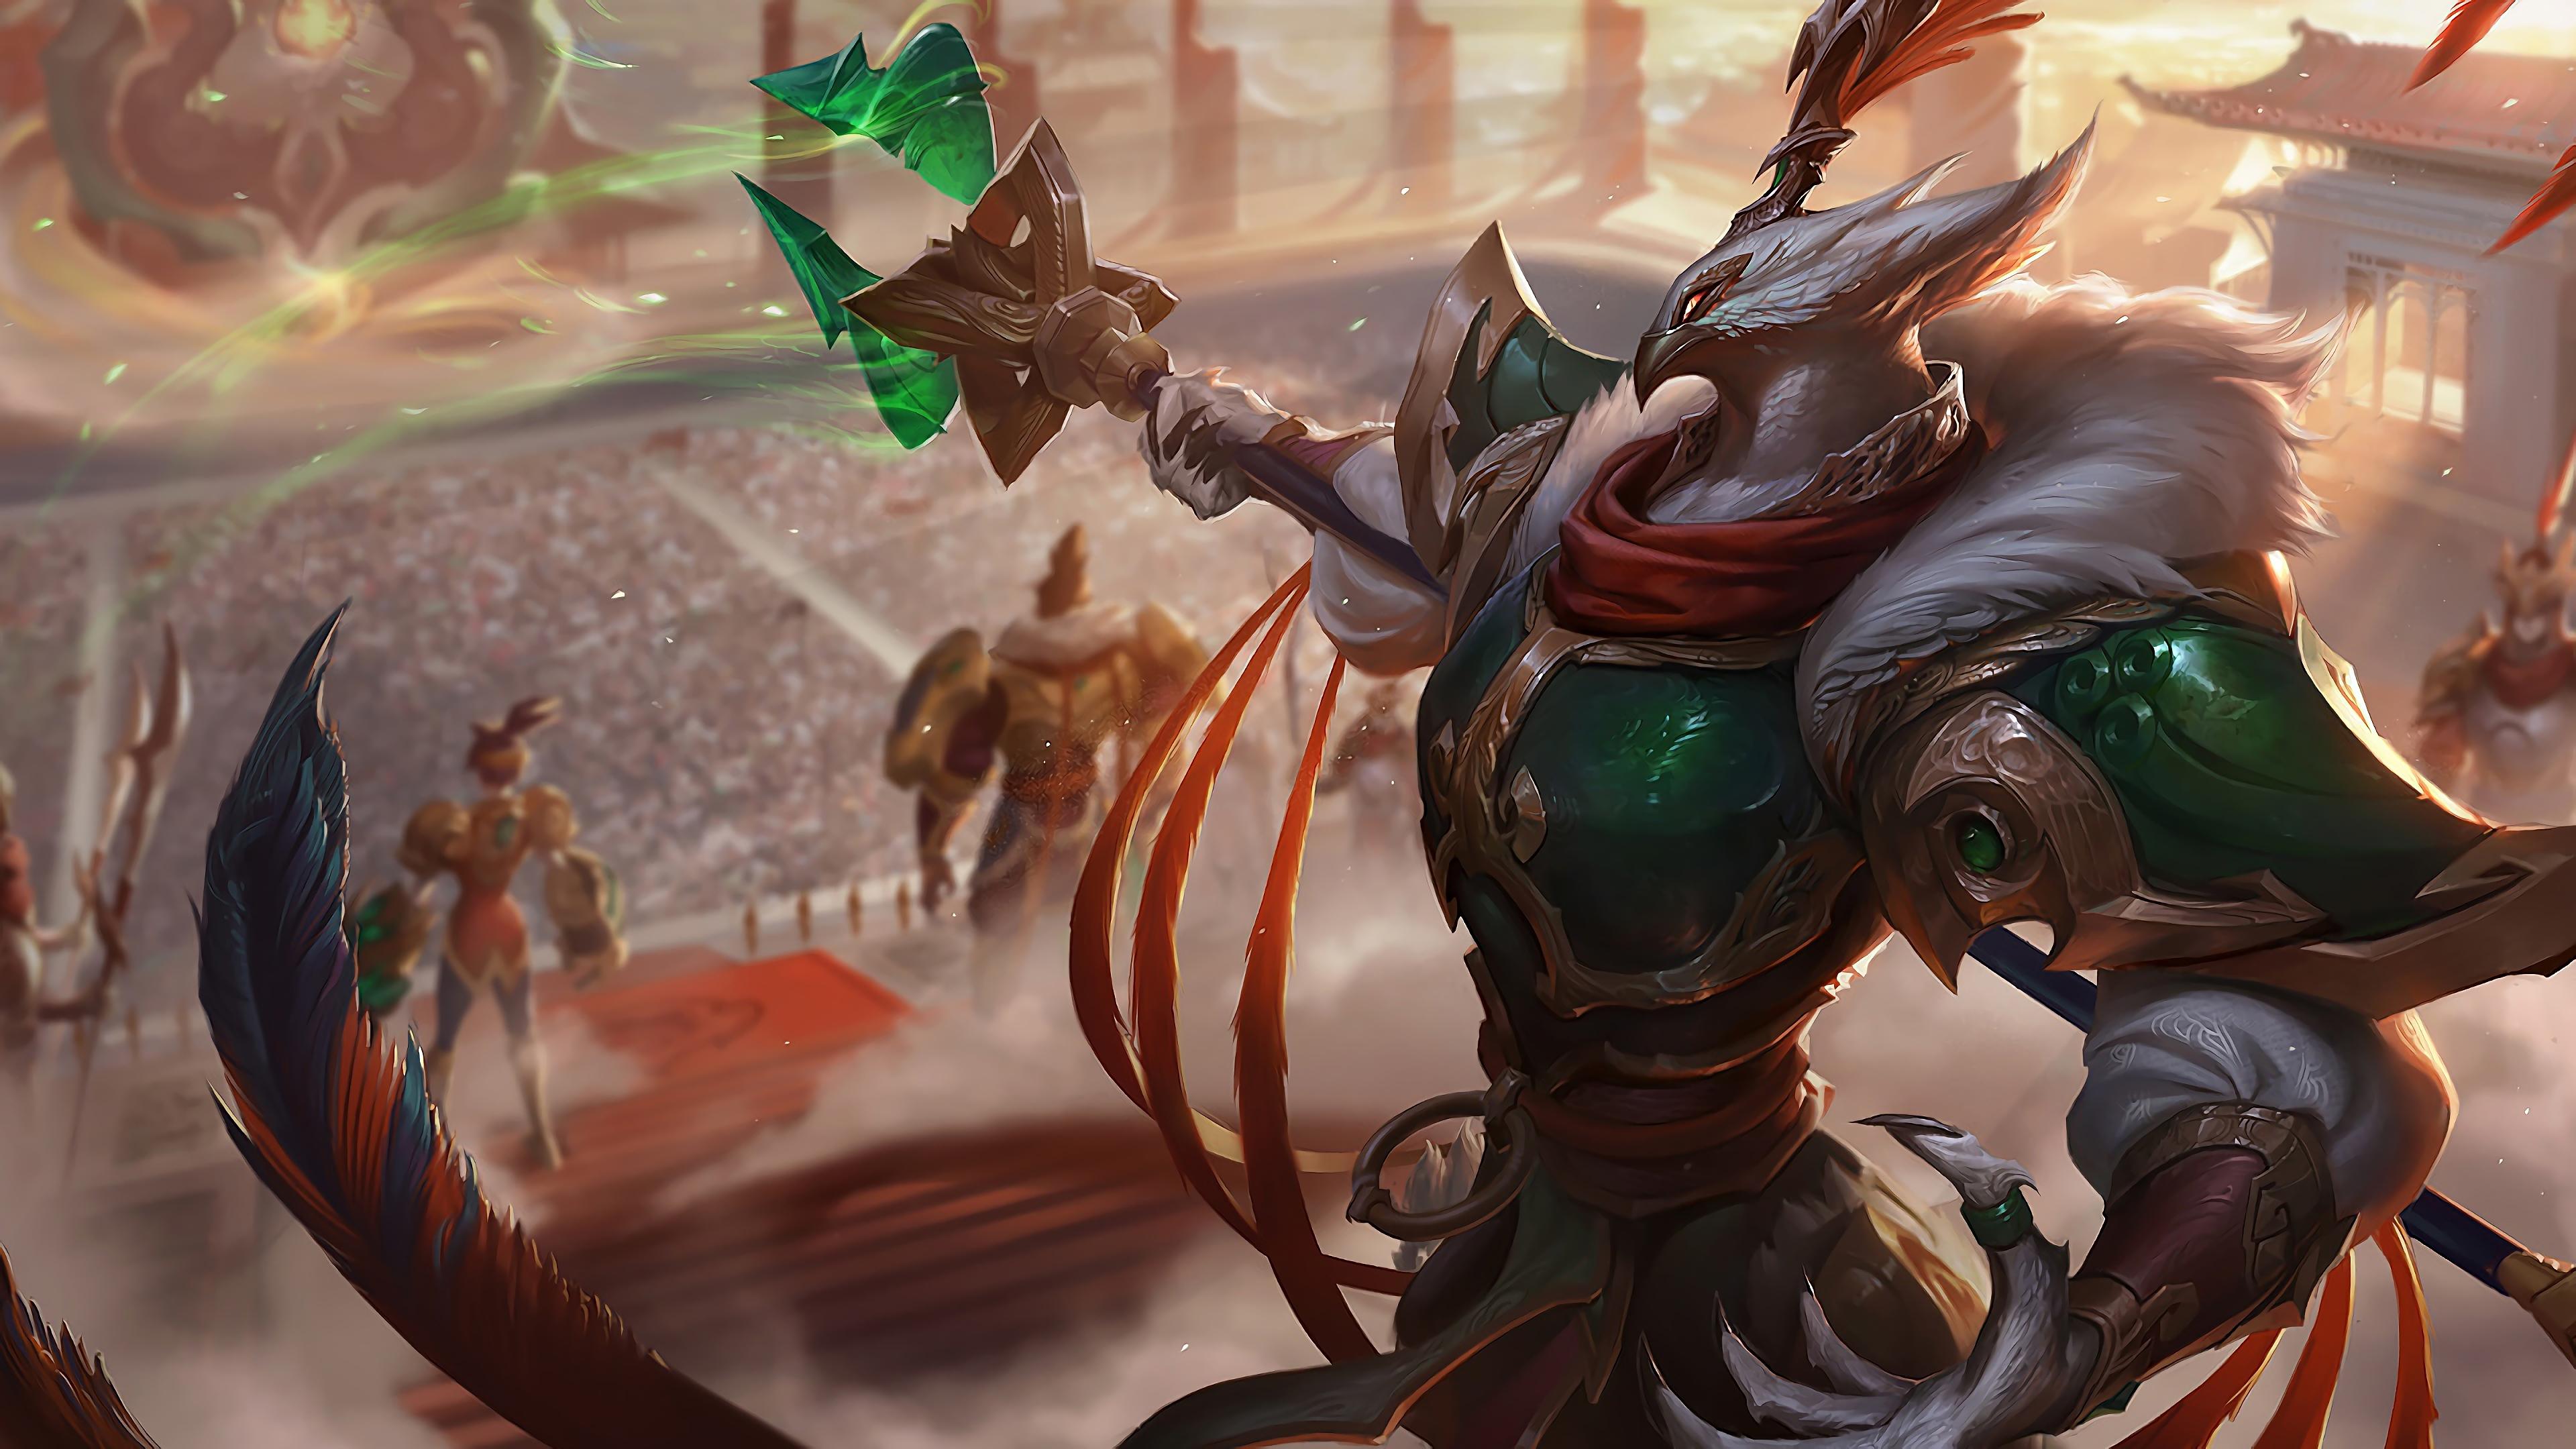 warring kingdoms azir lol splash art league of legends 1574100778 - Warring Kingdoms Azir LoL Splash Art League of Legends - league of legends, Azir